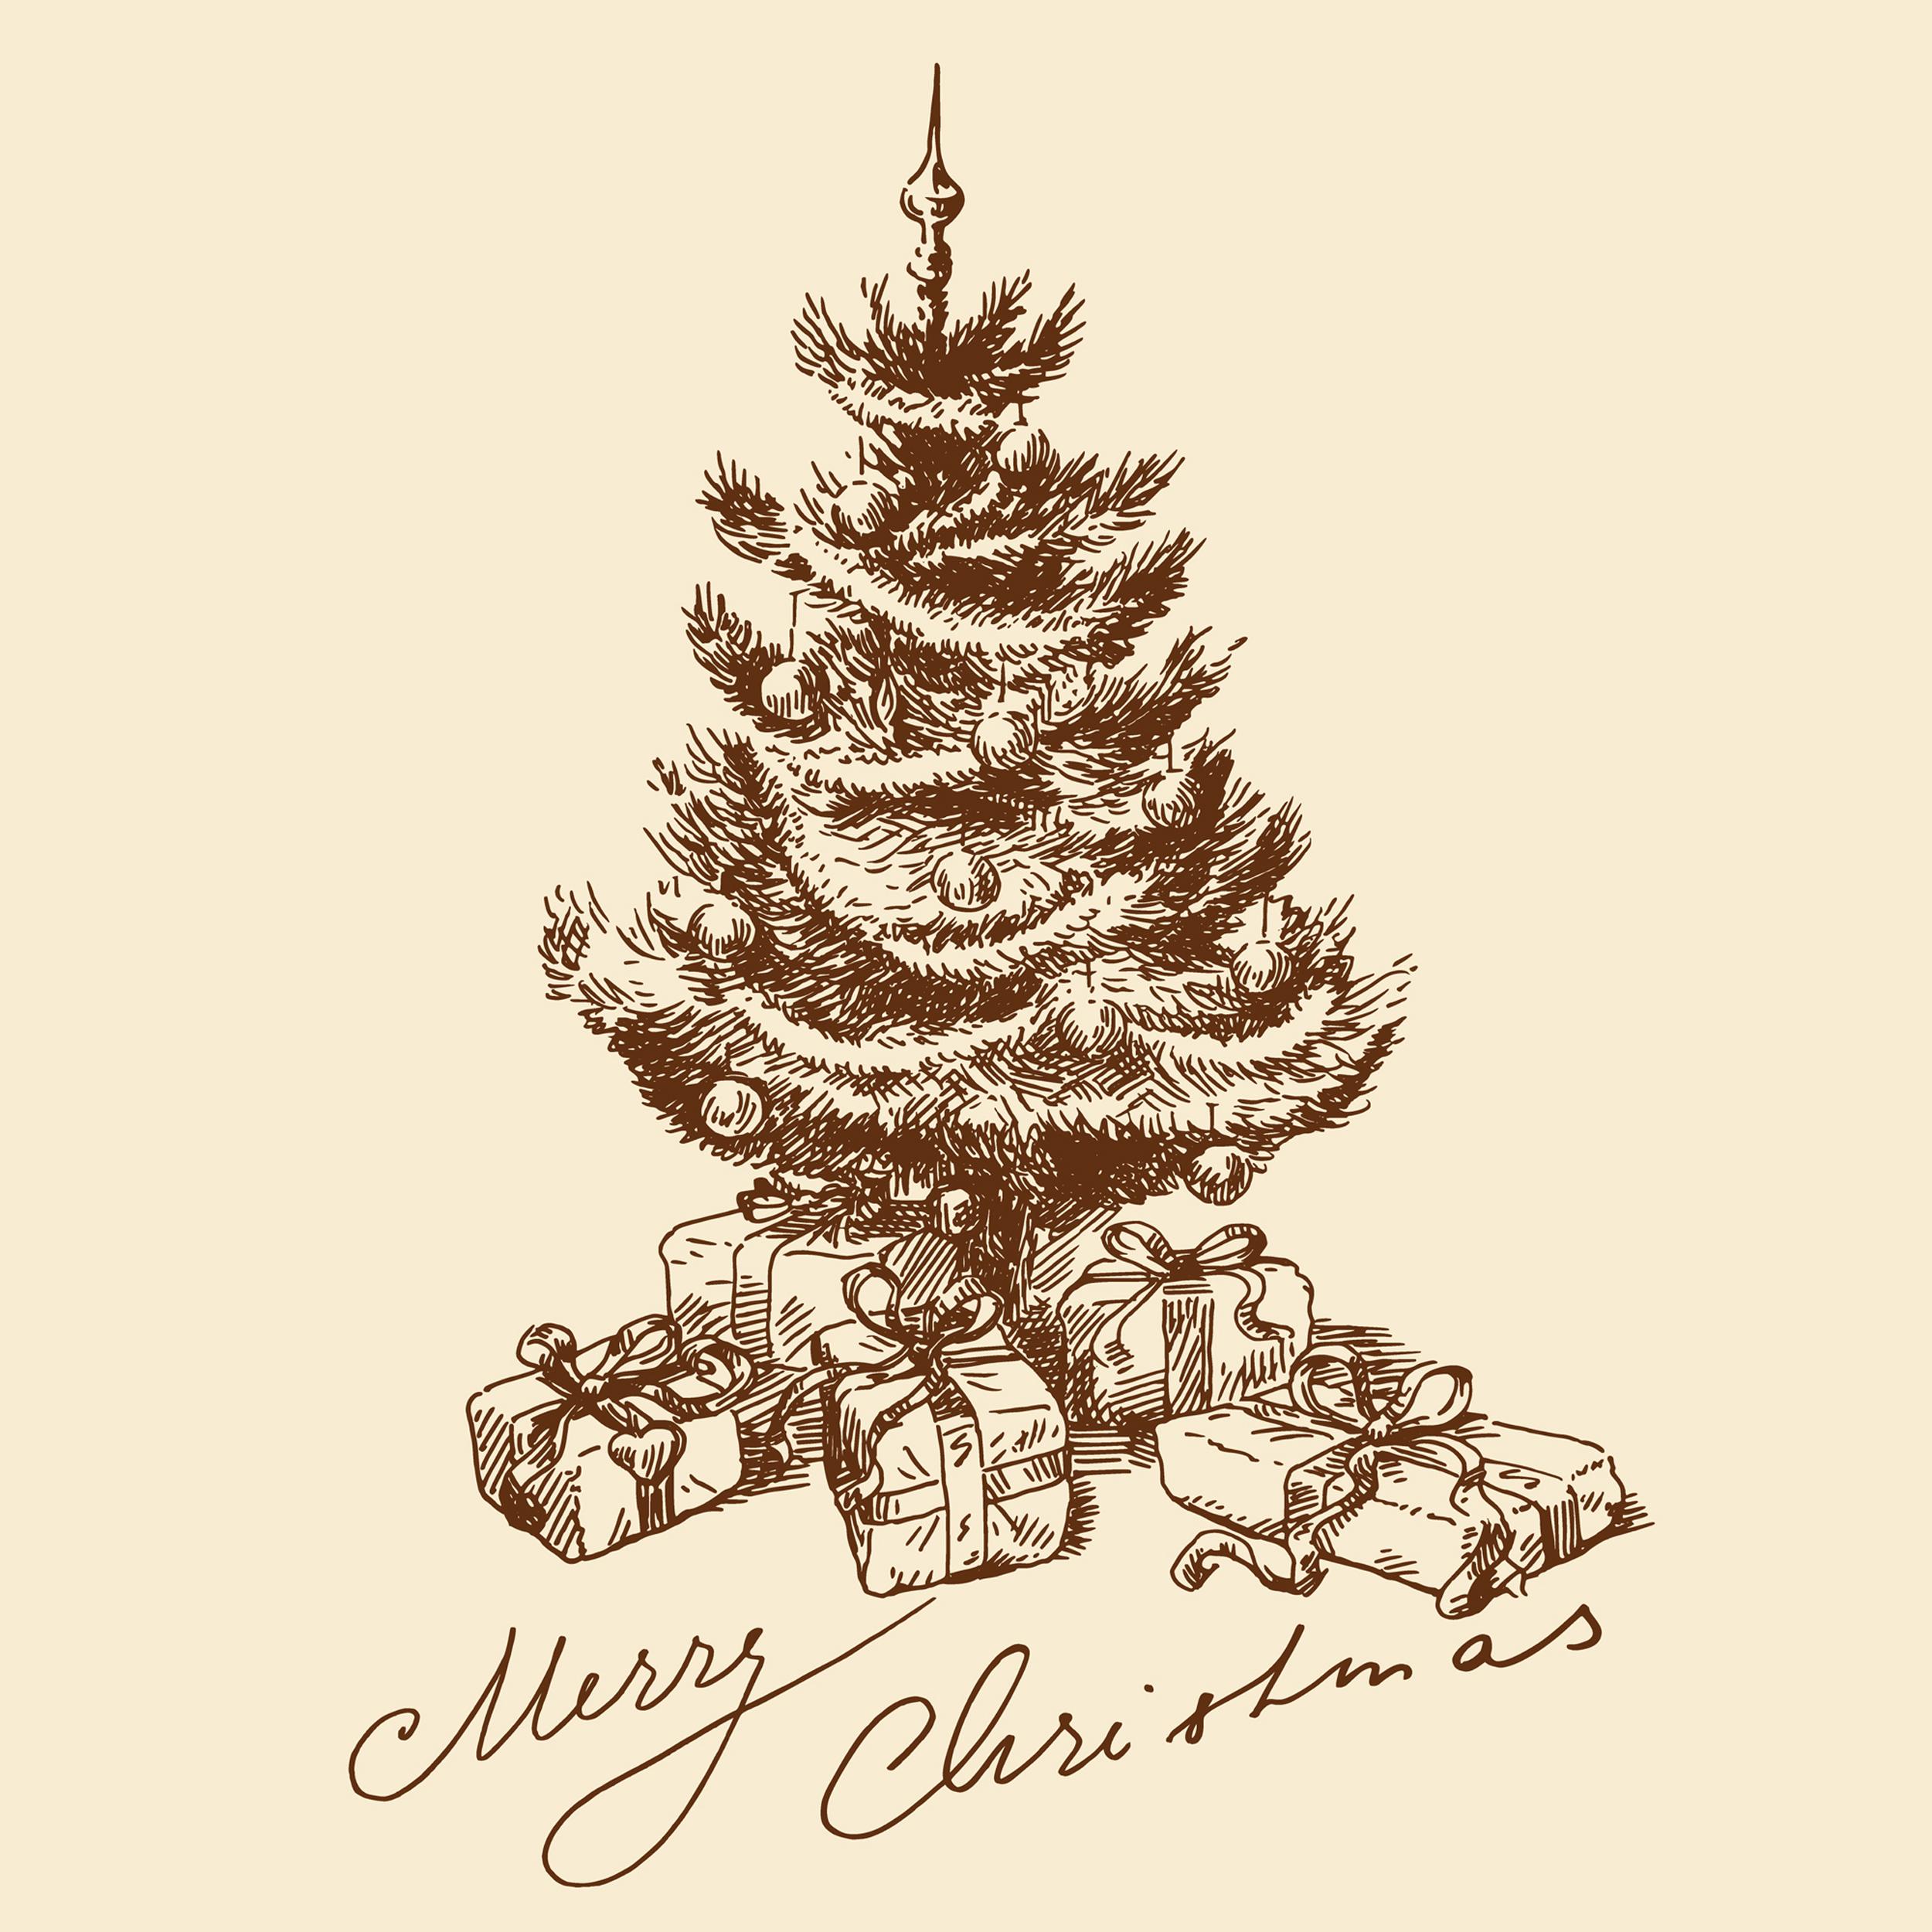 圣诞树元素矢量